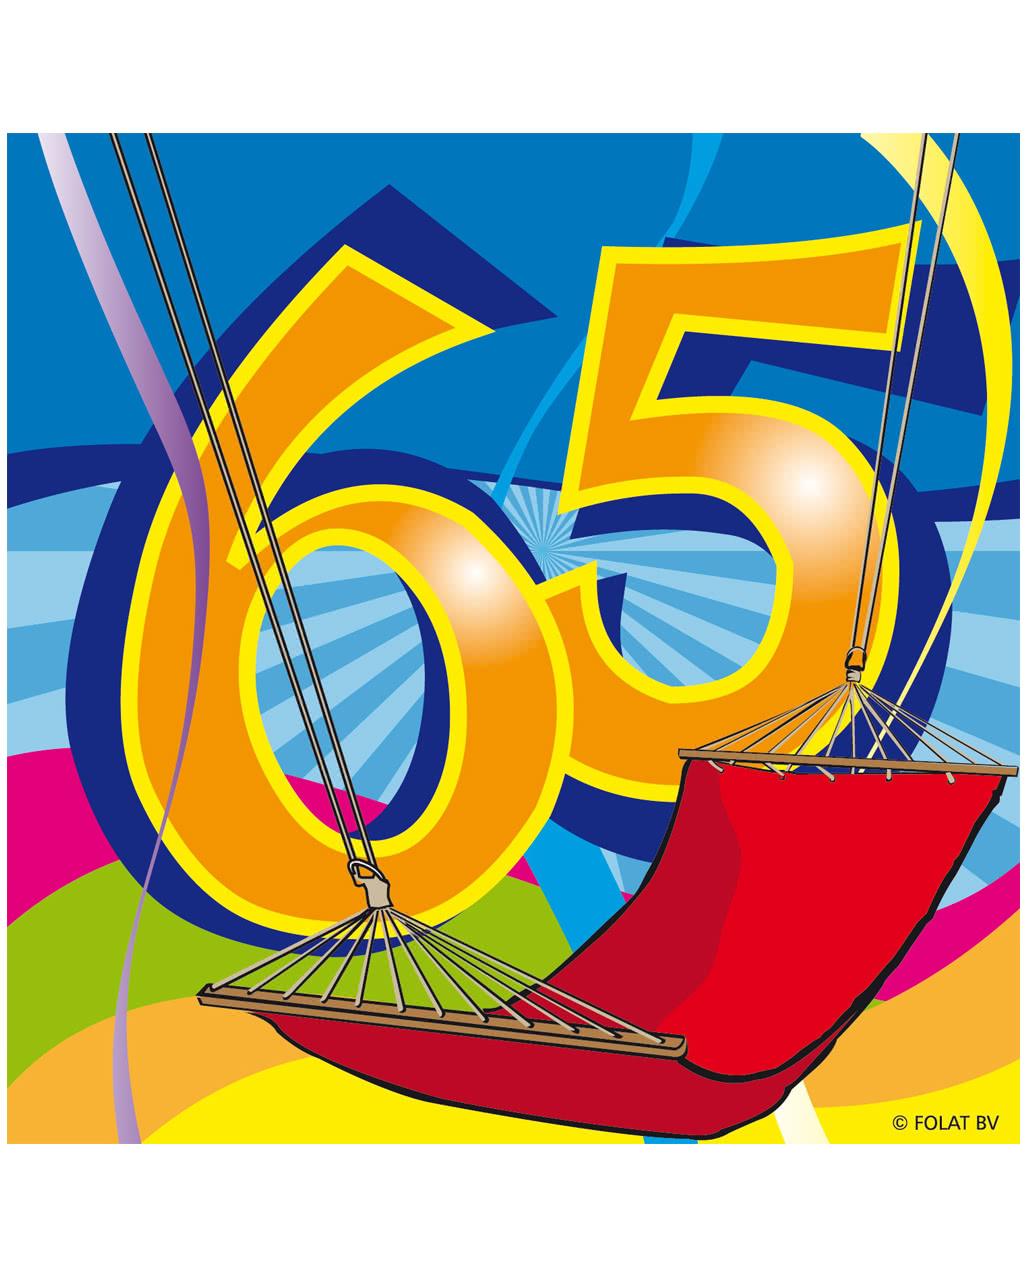 65 geburtstag servietten swirls kaufen karneval universe. Black Bedroom Furniture Sets. Home Design Ideas